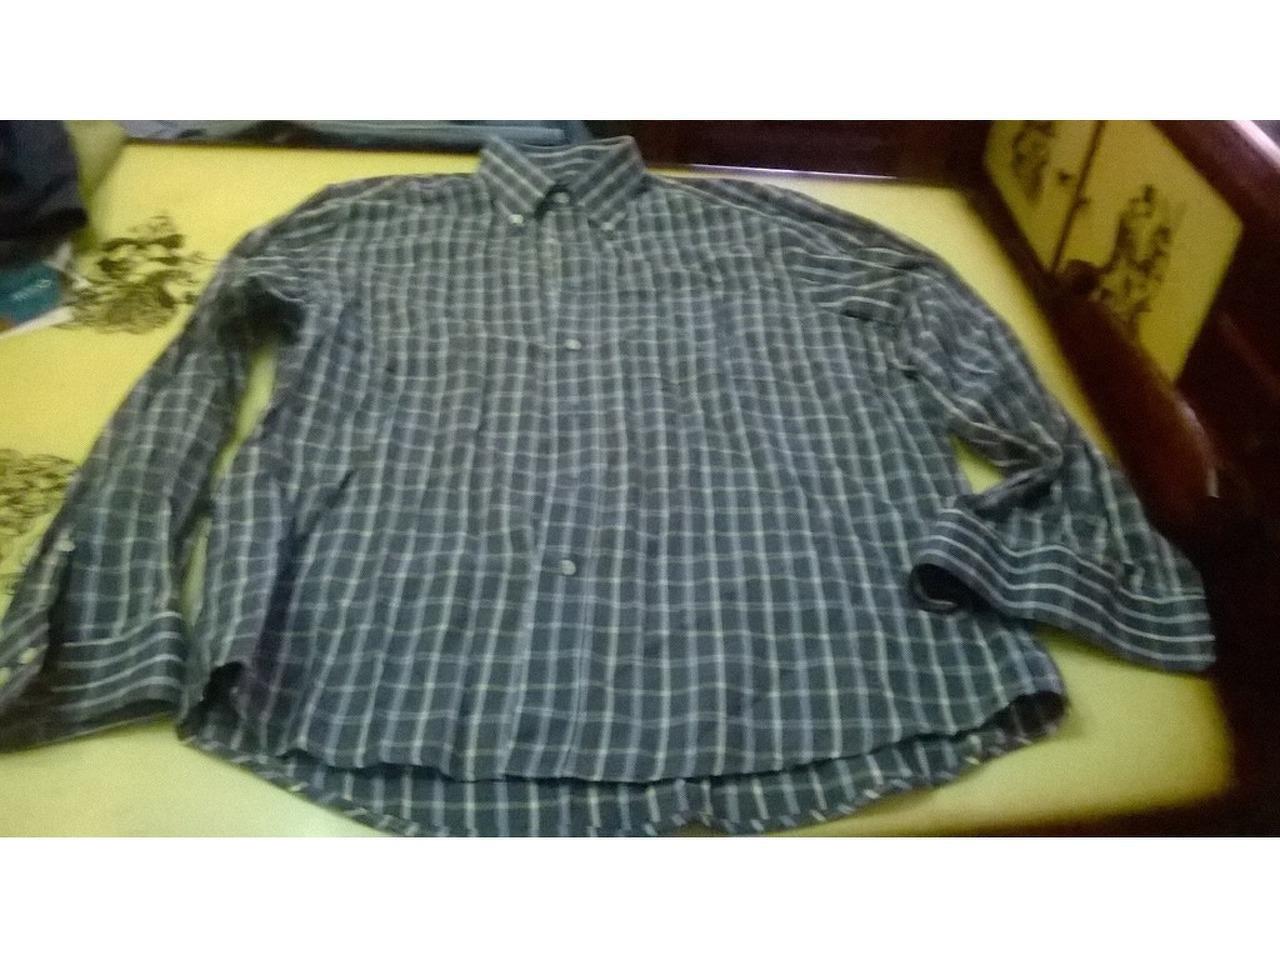 Camisas Califa, Barred's, G.Fellini, A.Milano, etc - 2/7